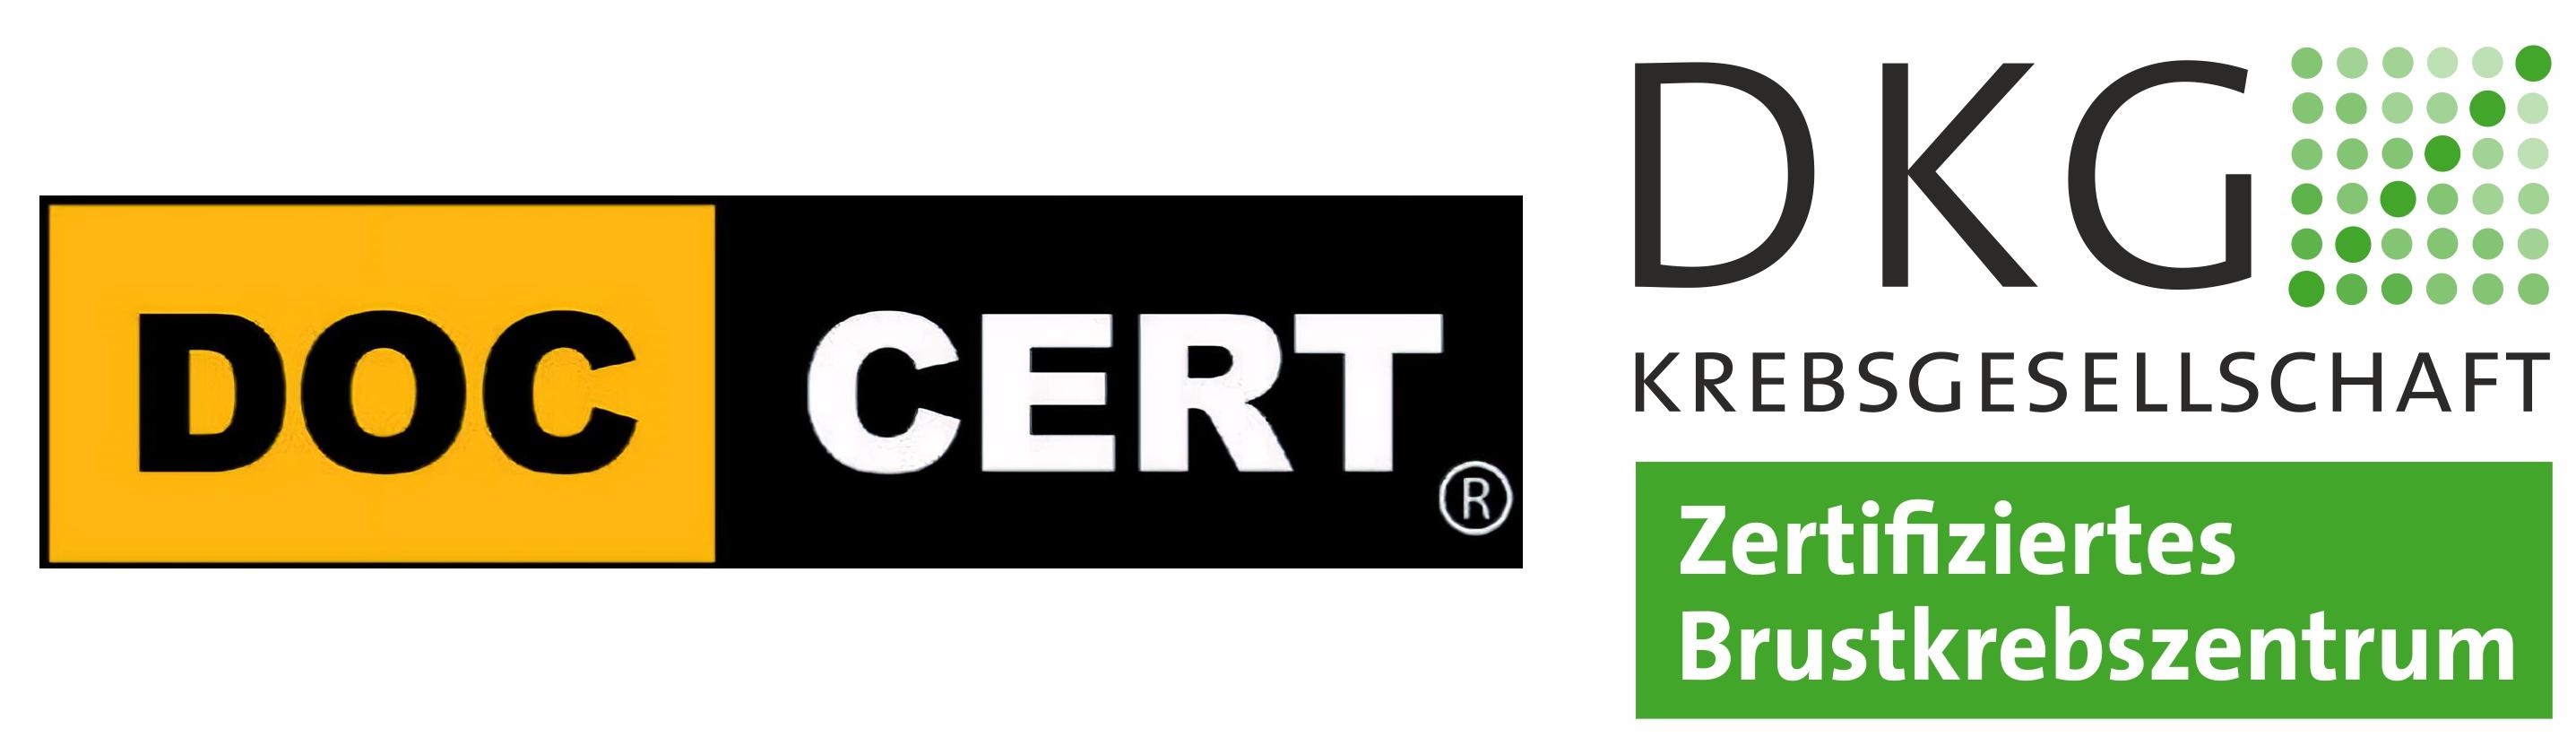 DOC CERT und DKG Logo